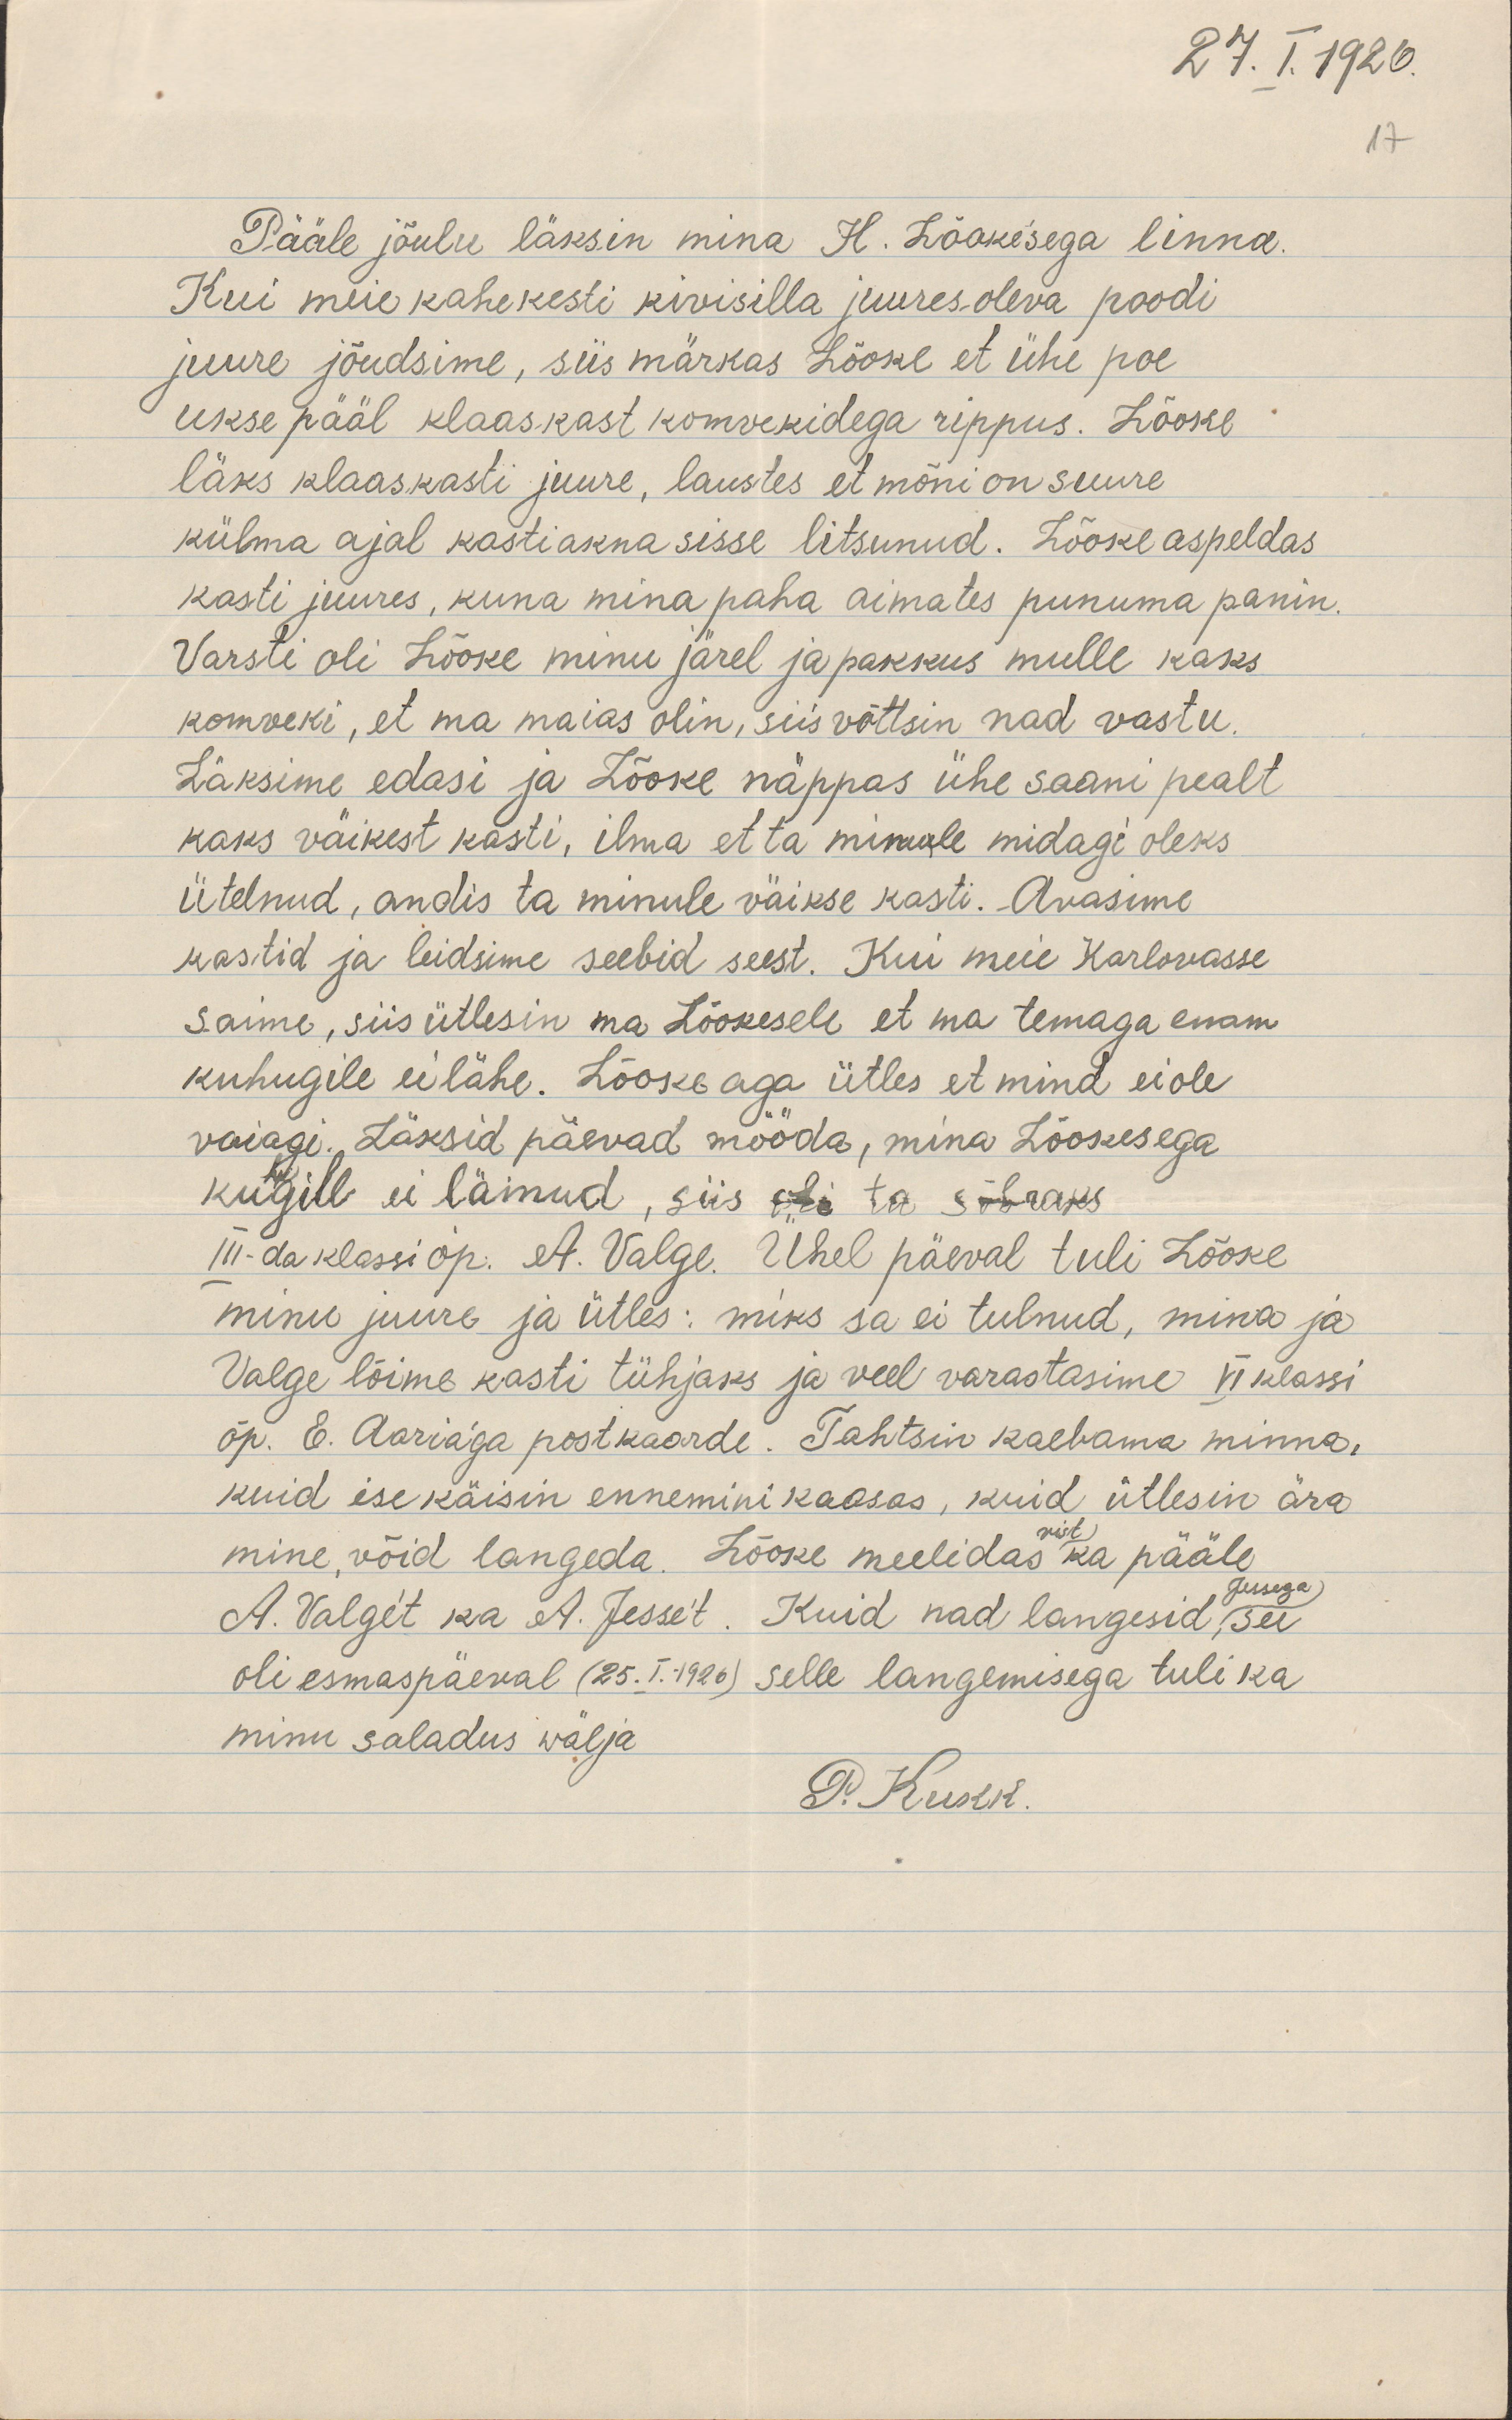 Koolipoisi seletuskiri postkaartide varguse kohta. 1926. eaa.5367.1.68_17